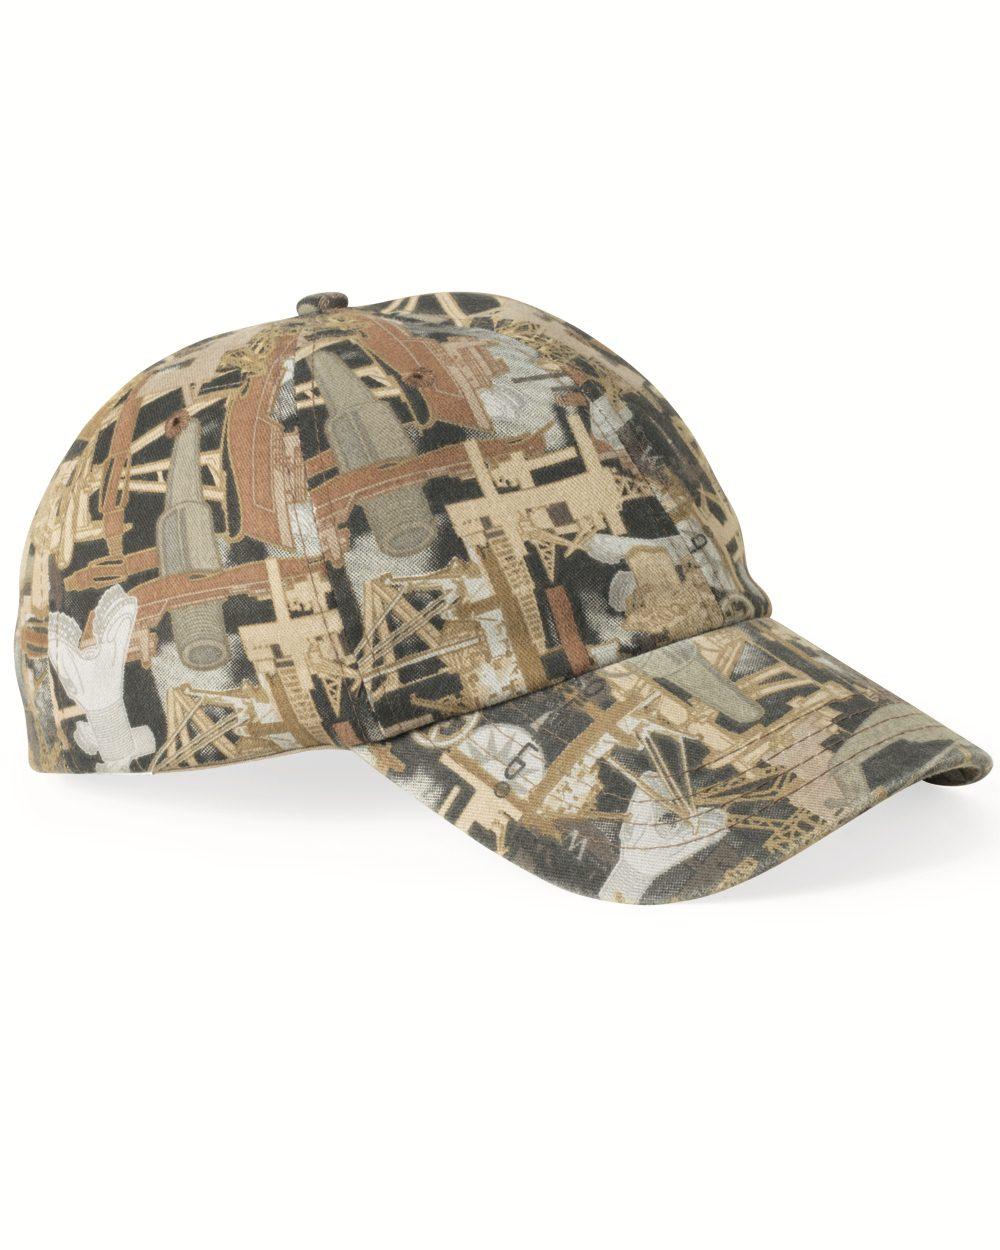 Kati OIL17纯色迷彩帽子